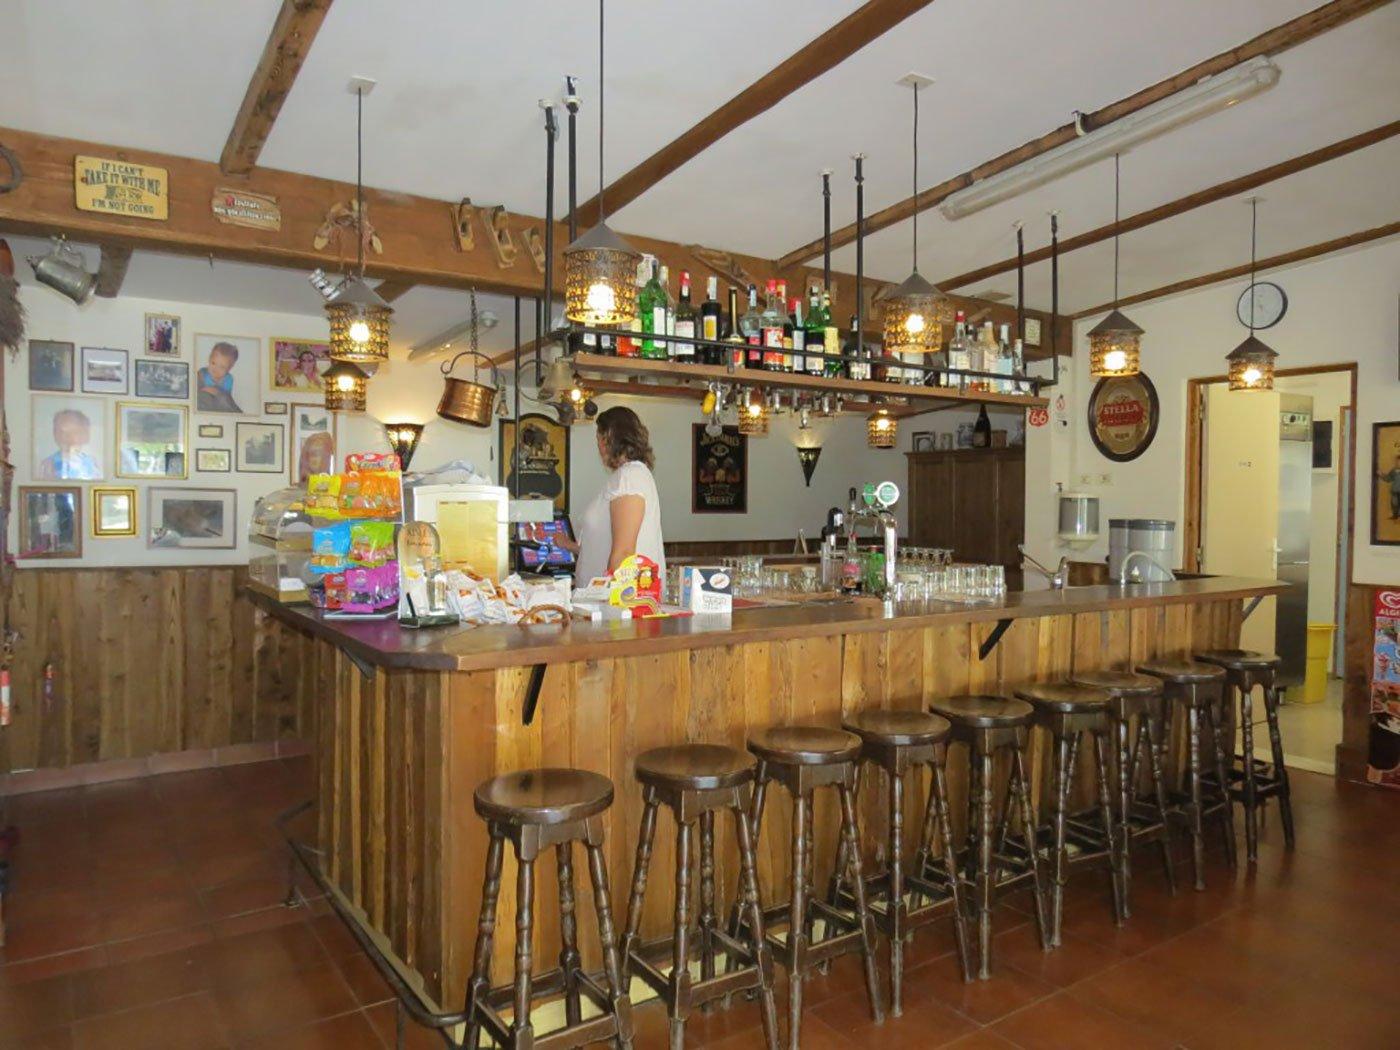 vista di un bancone in legno di un bar e una donna dietro